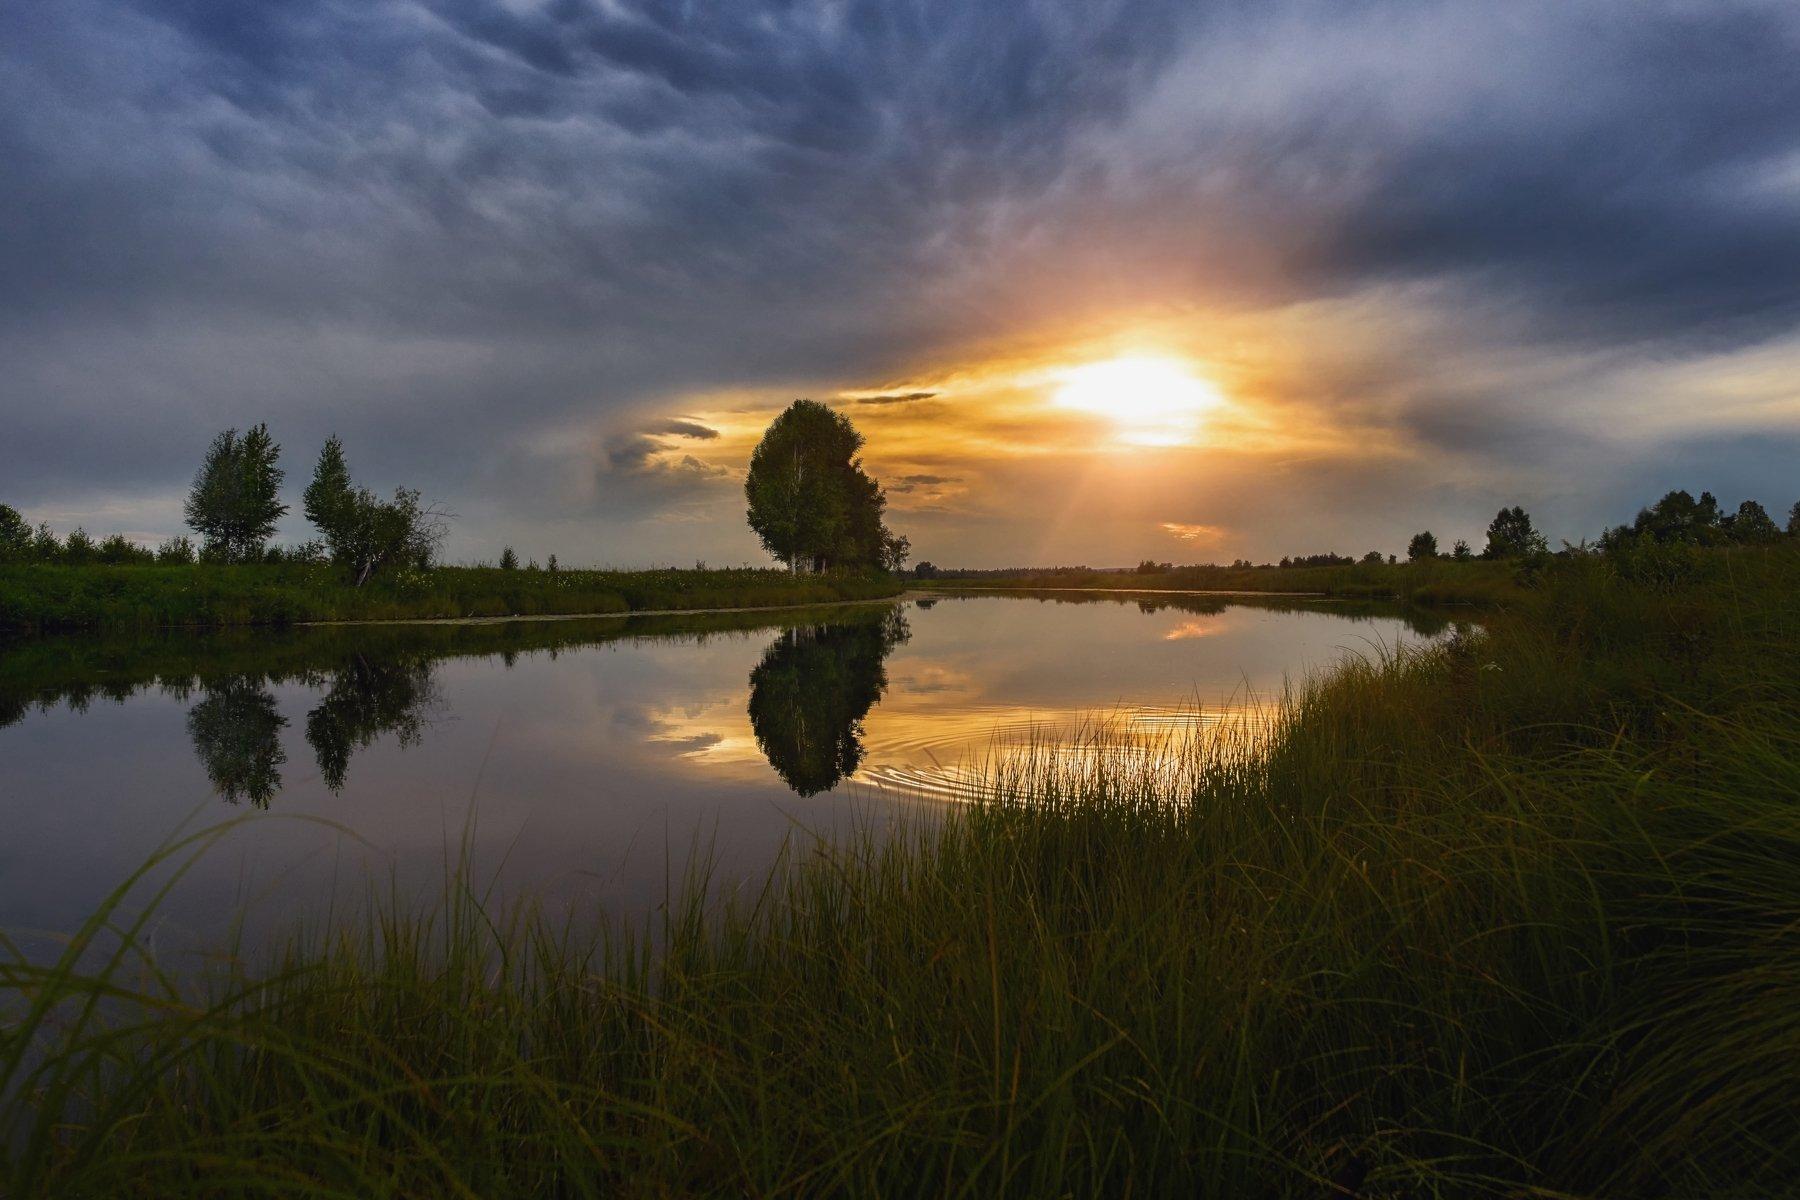 вечер,закатное солнце, озеро ,отражение неба в воде,облака, Сергей